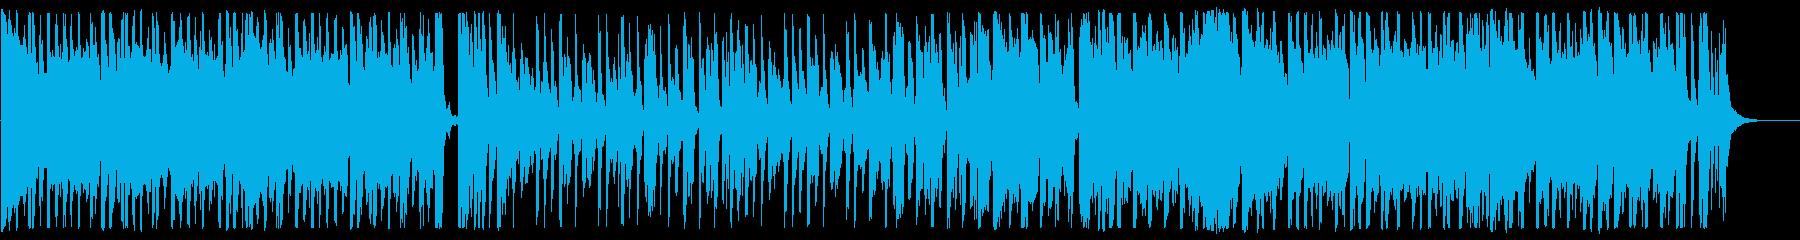 おしゃれ/J-pop_No590_2の再生済みの波形